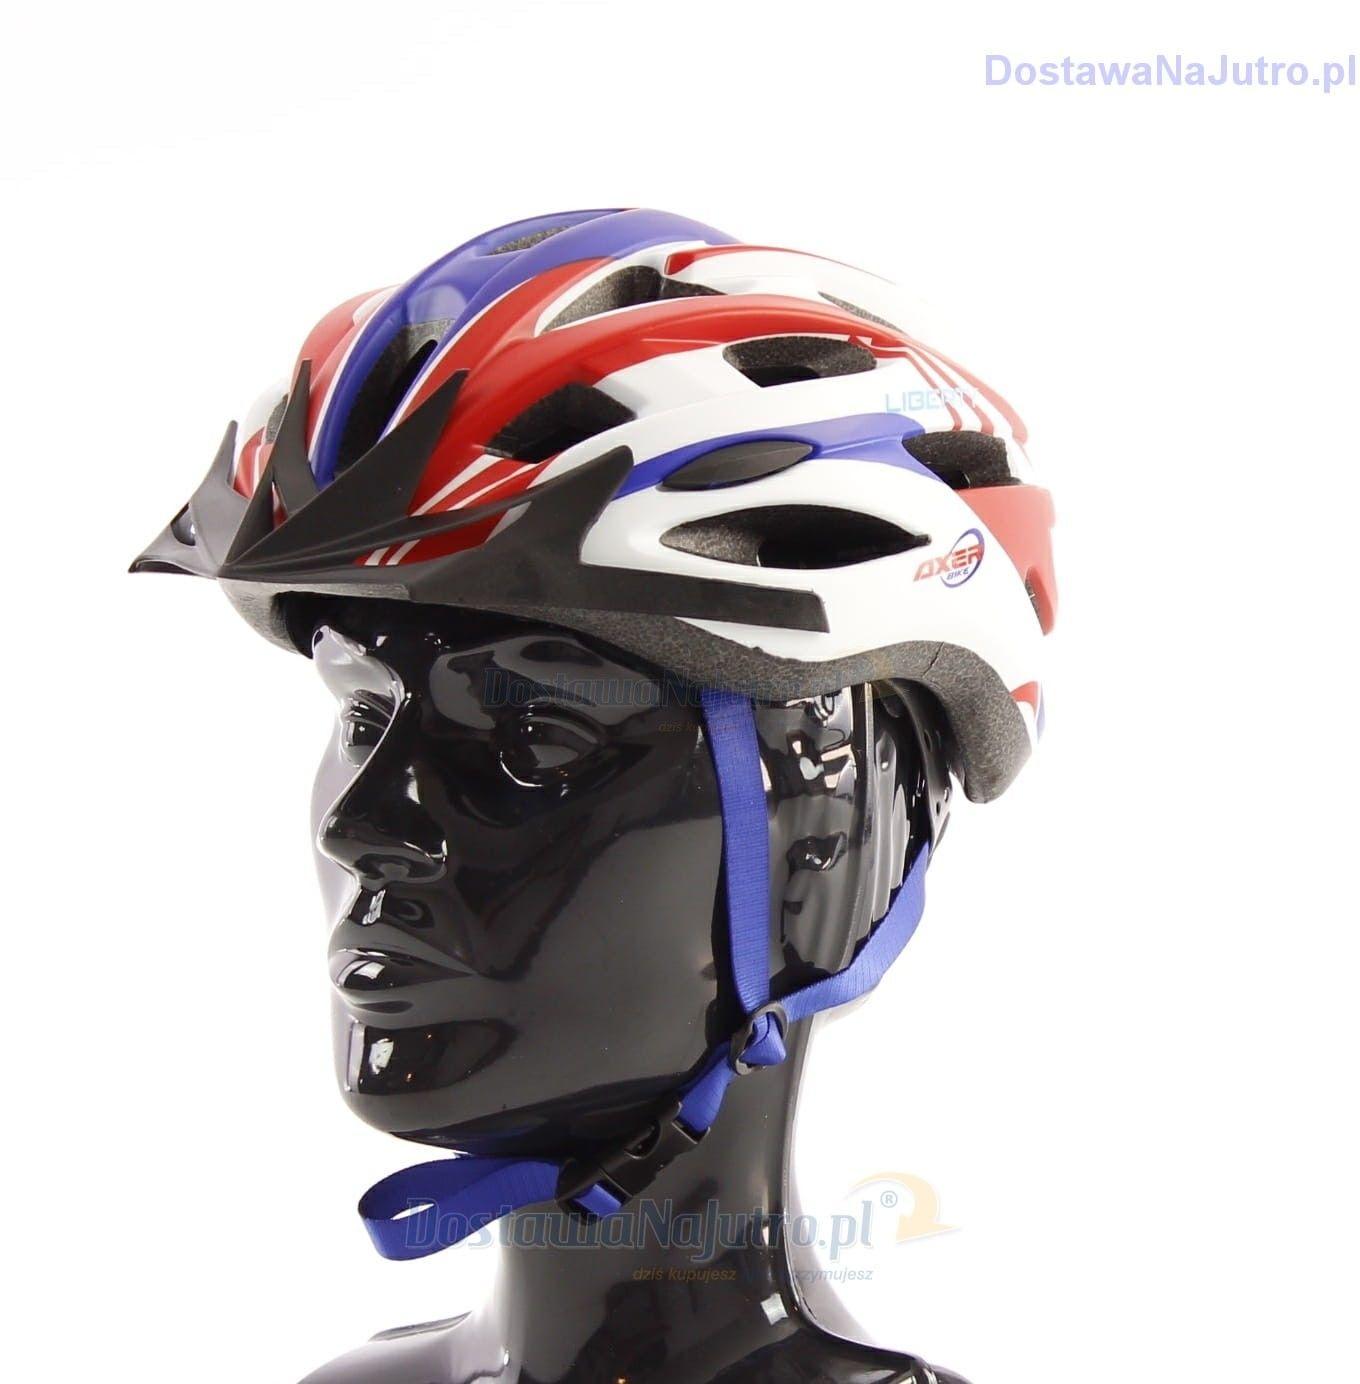 Kask rowerowy AXER LIBERTY RED/BLUE z daszkiem